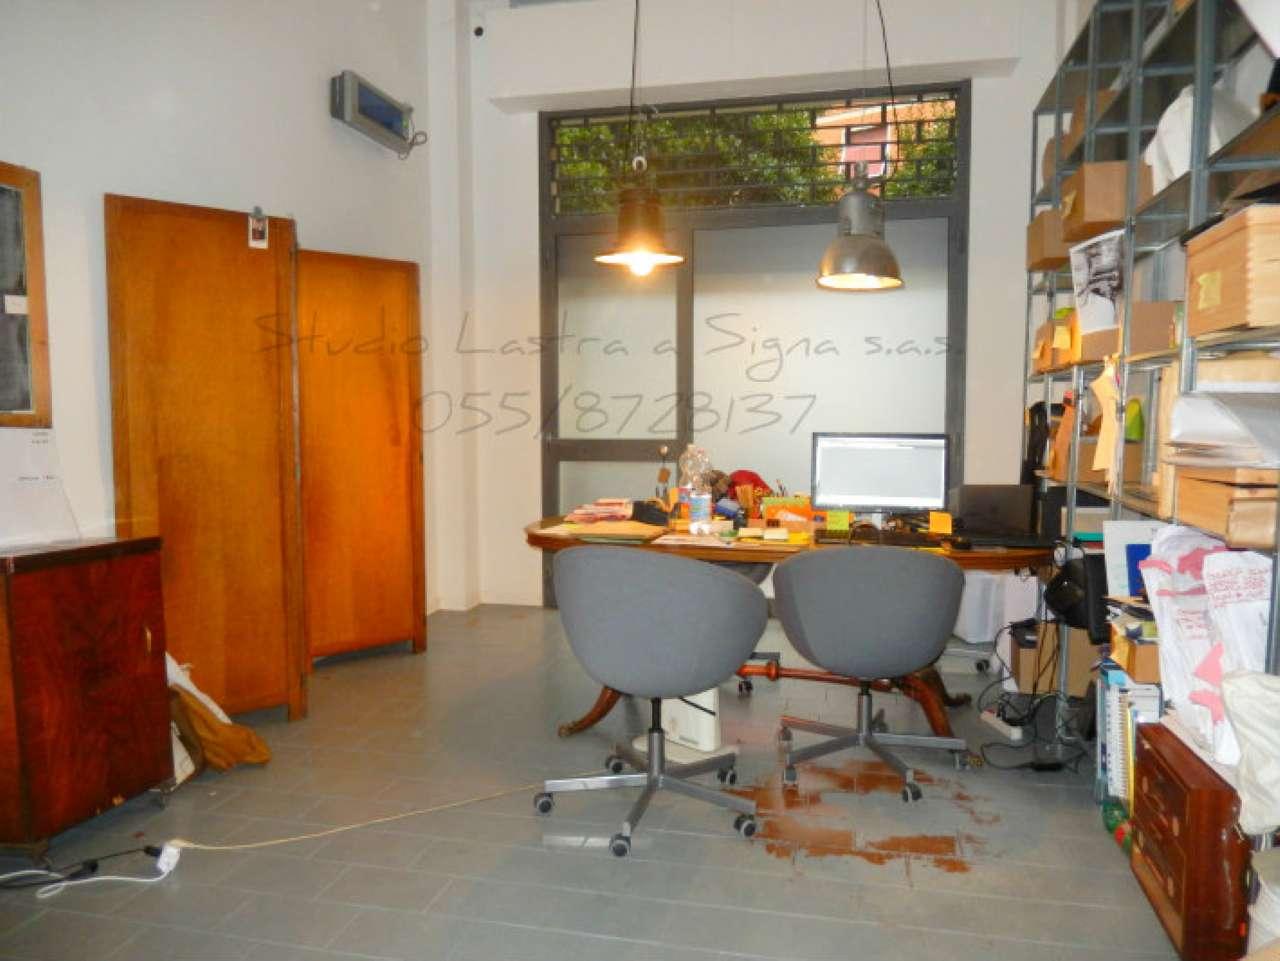 Laboratorio in affitto a Scandicci, 1 locali, prezzo € 350   Cambio Casa.it